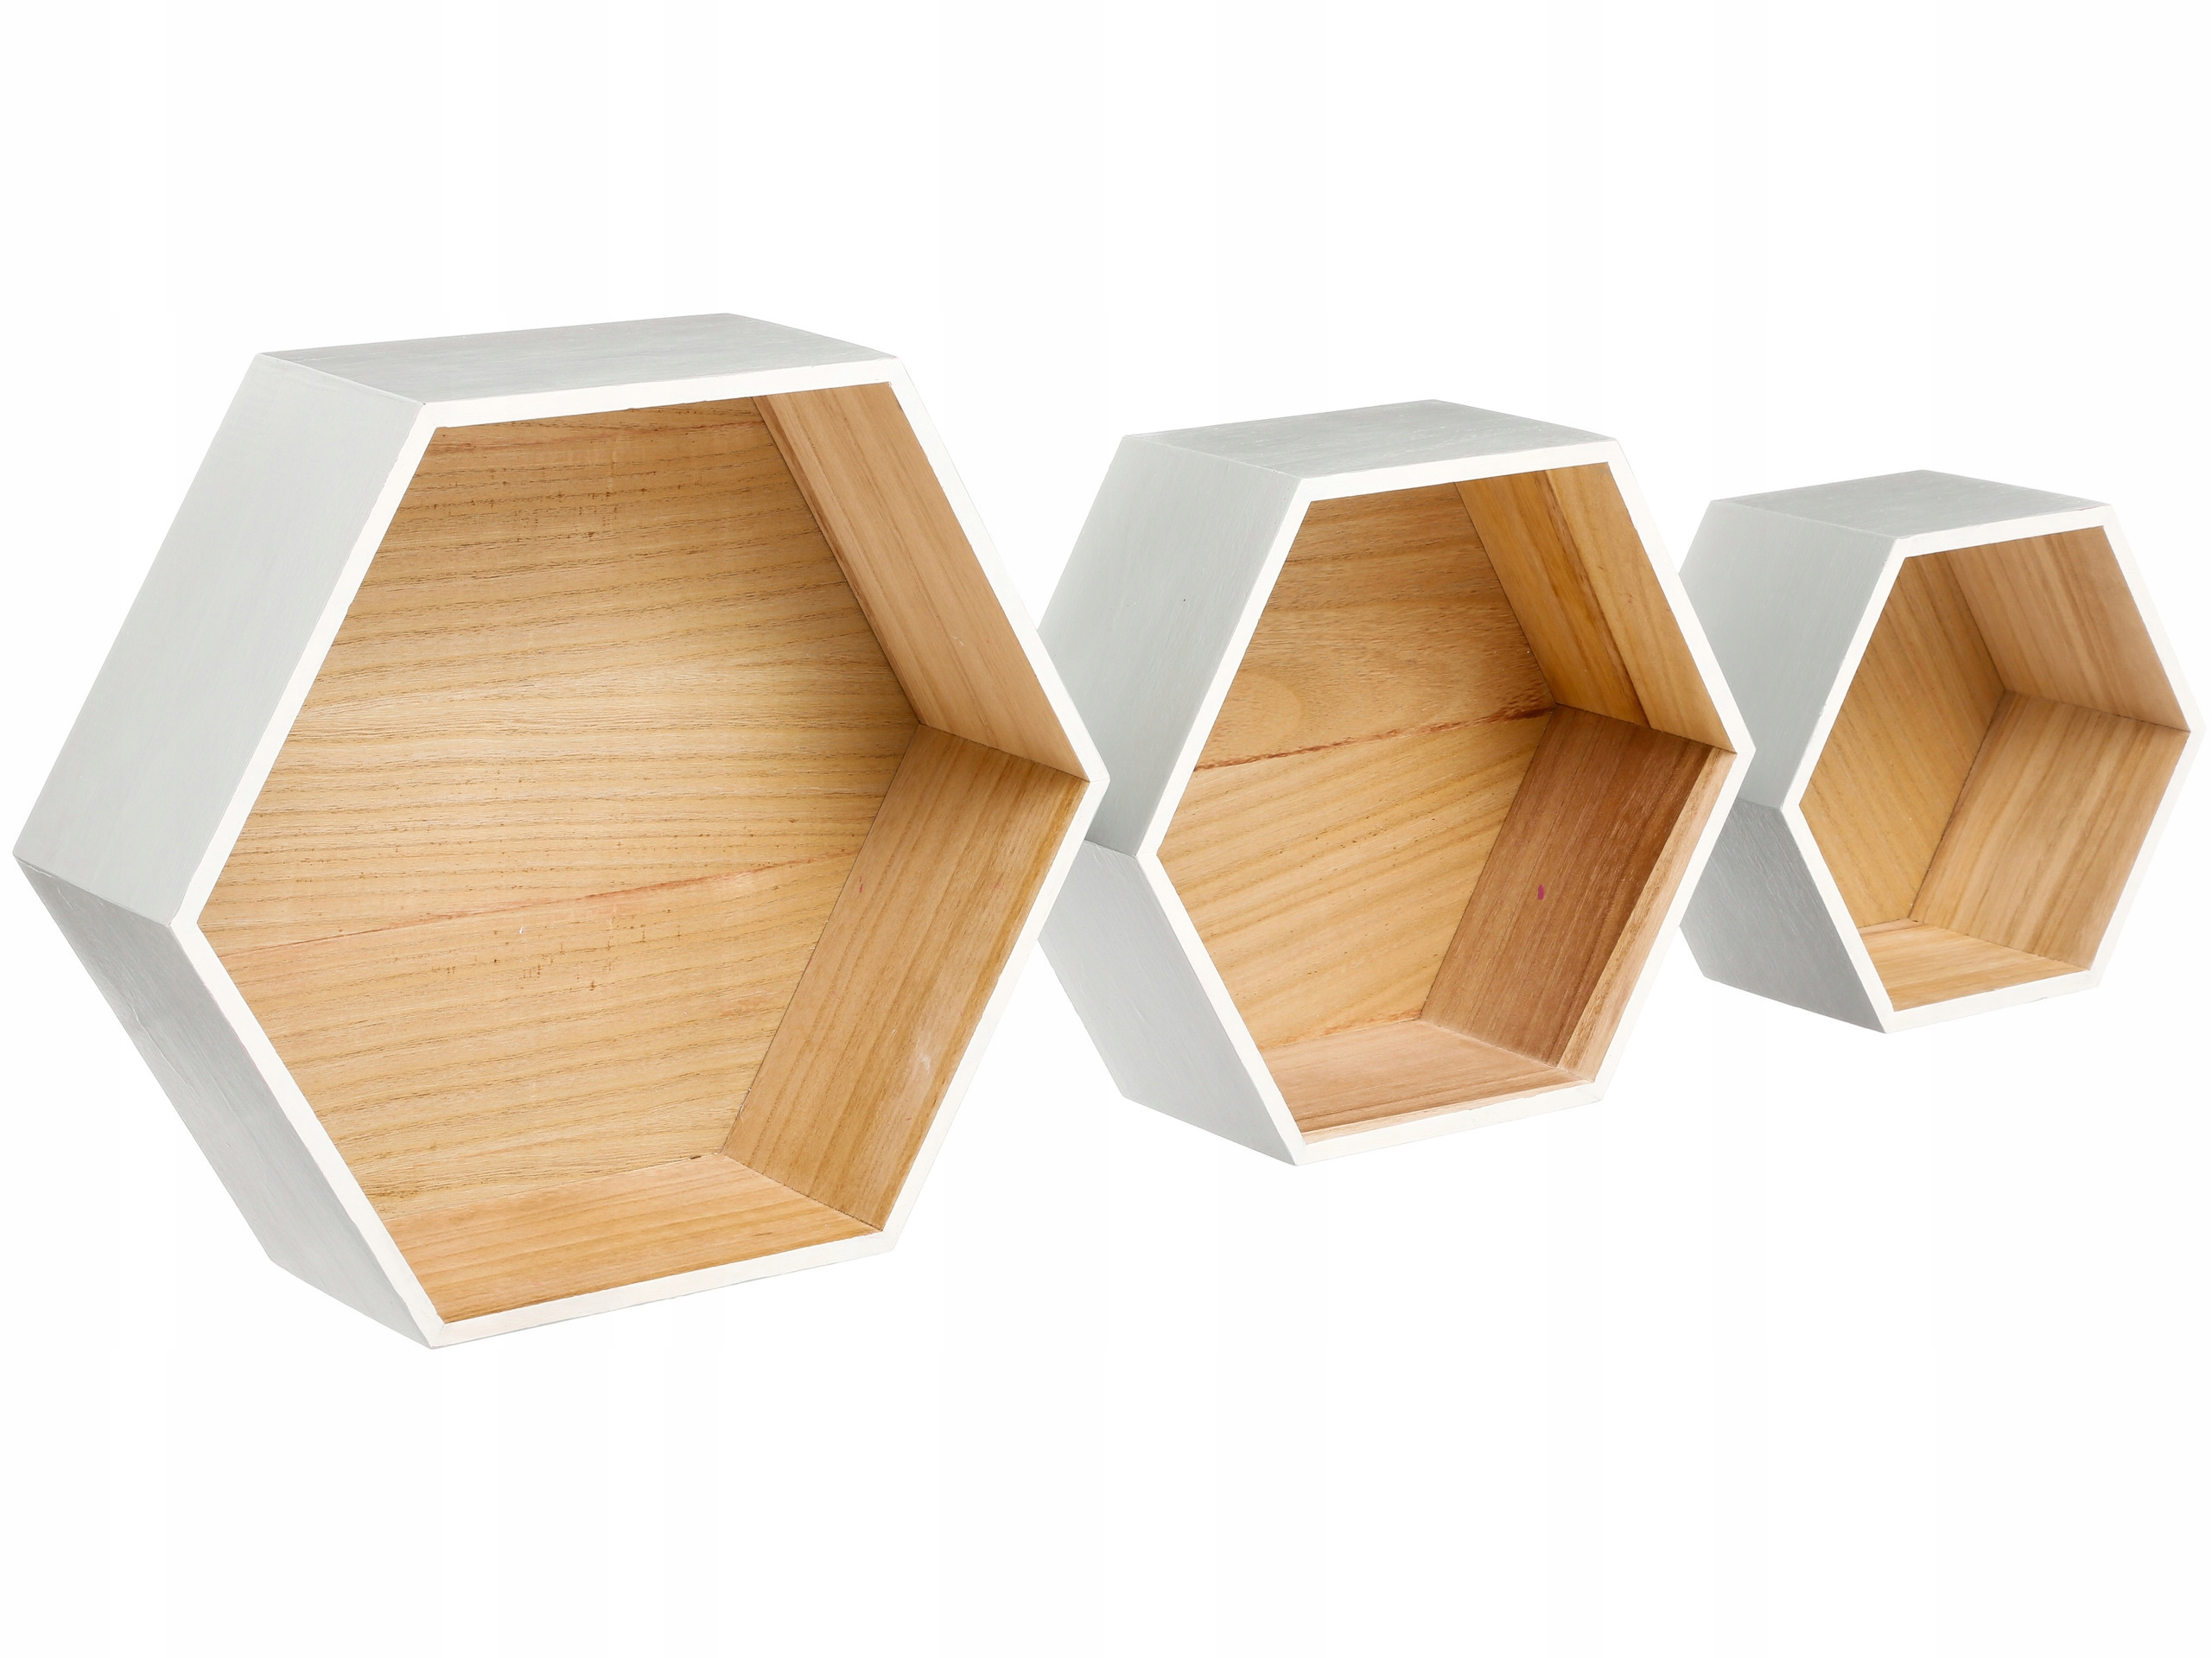 Wiszące Półki Drewniane 3 Sztuki Dekoracyjne Białe